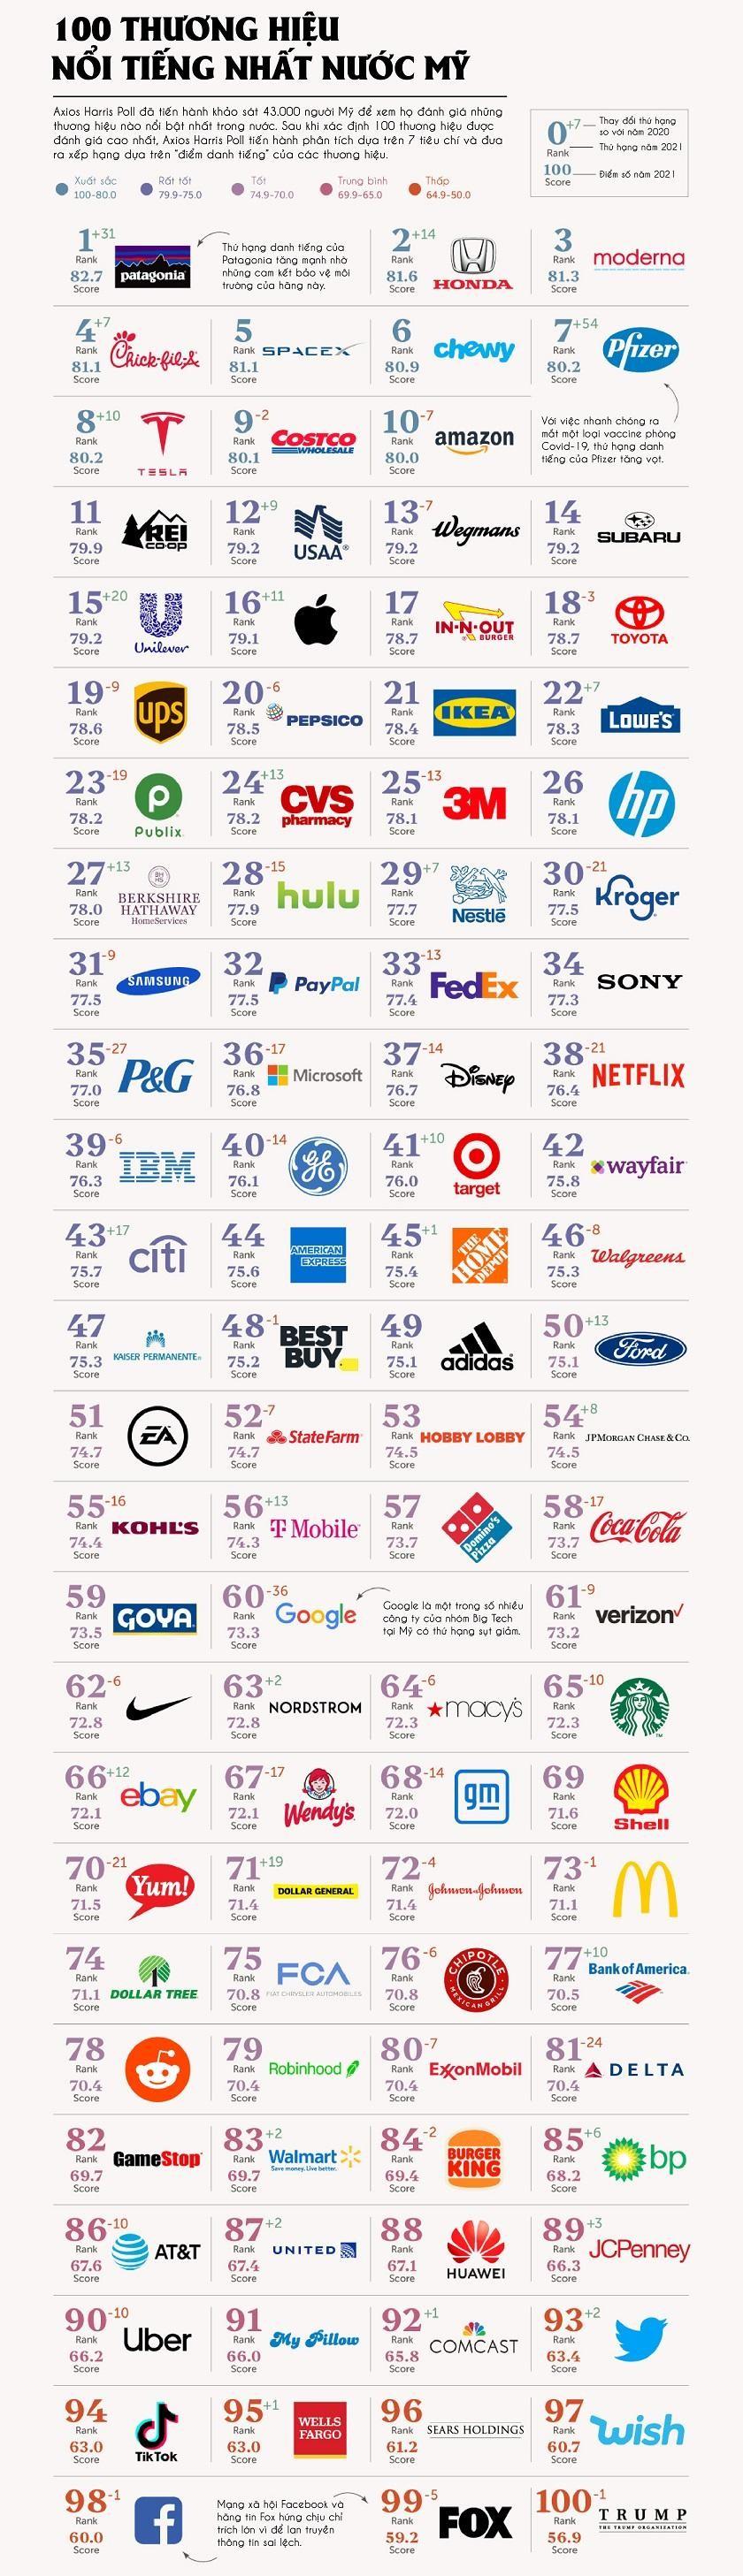 [Infographic] 100 thương hiệu nổi tiếng nhất nước Mỹ ảnh 1